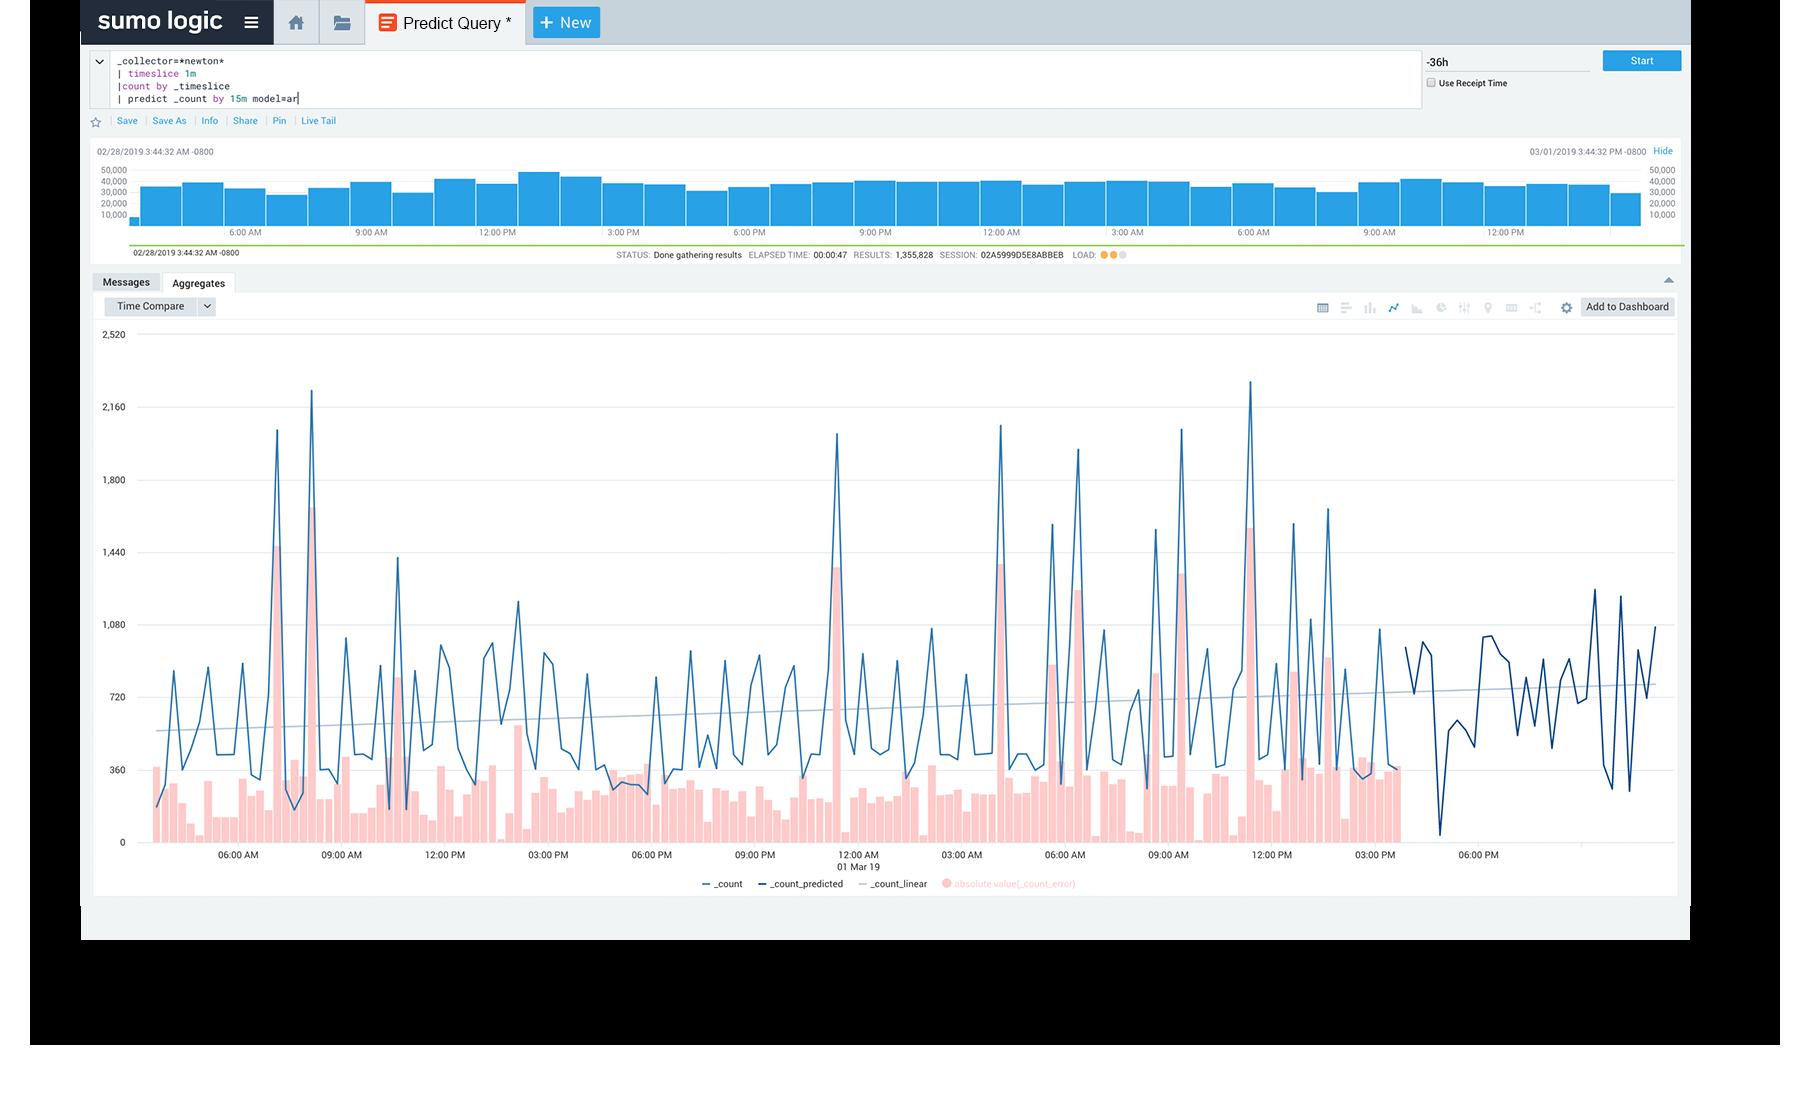 Machine-learning analytics